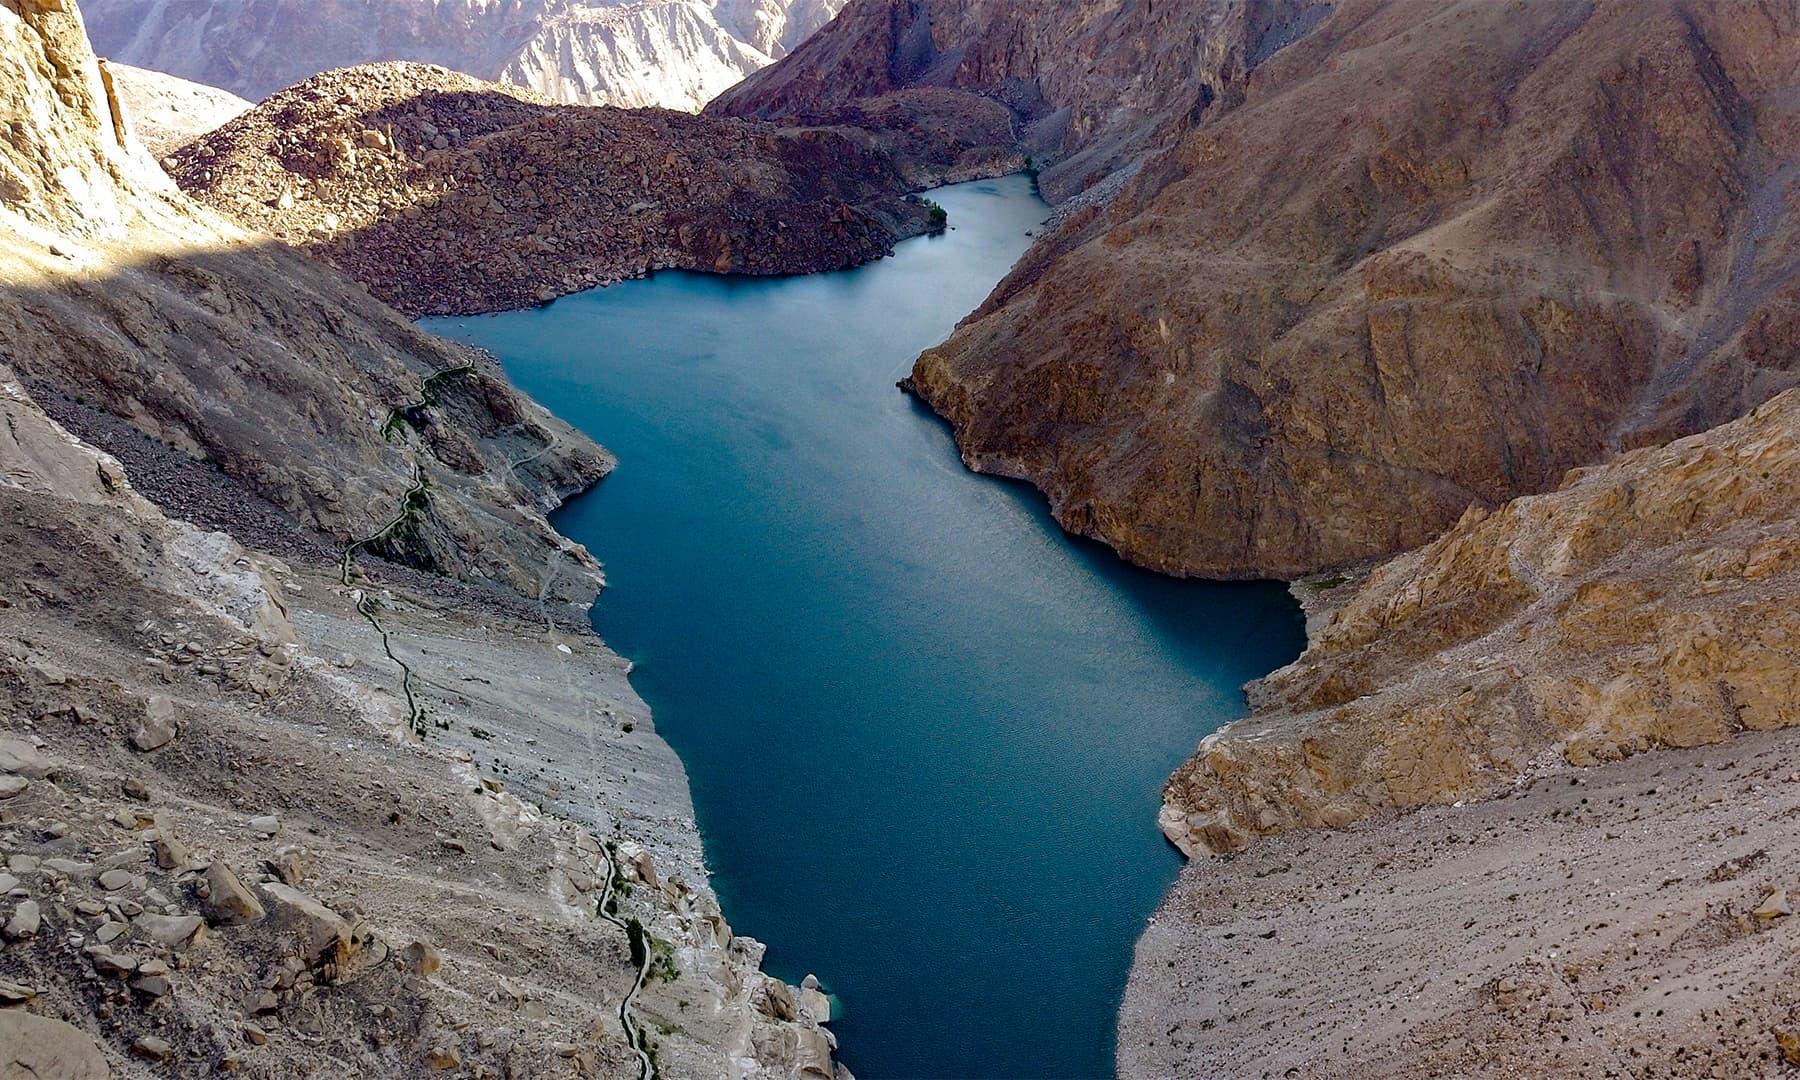 مقامی لوگوں کے مطابق جھیل پاکستان کے نقشے سے ملتی جلتی ہے